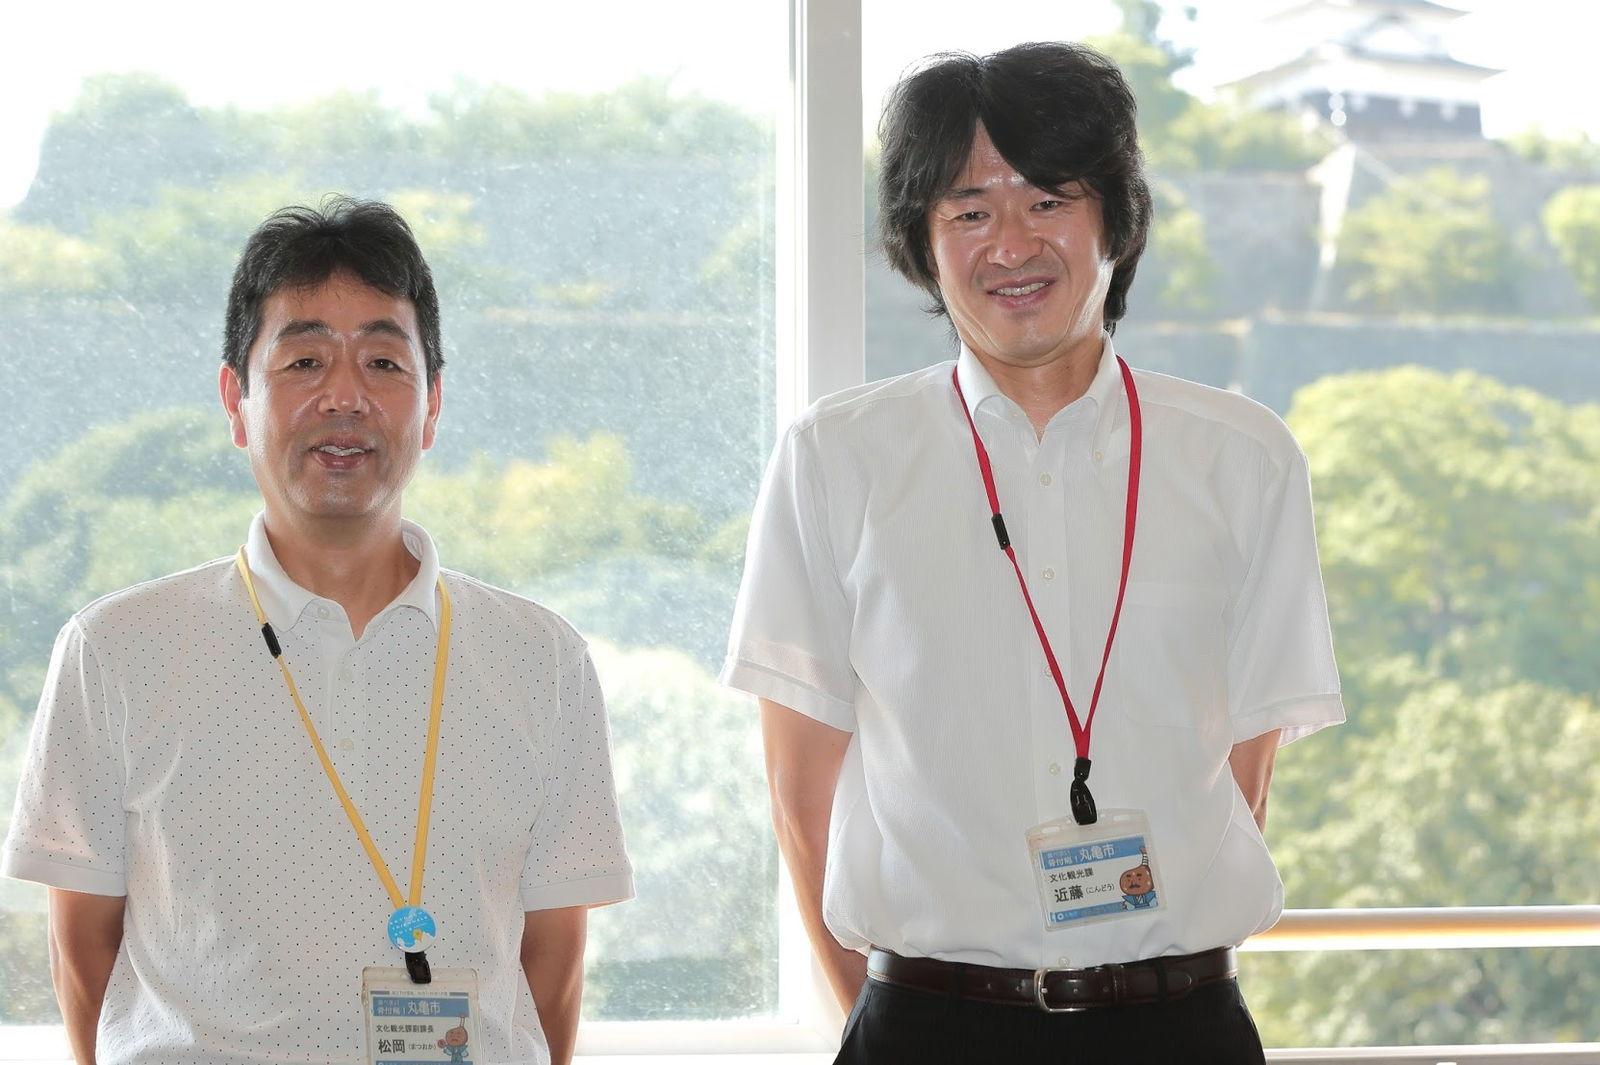 ミモカ修繕プロジェクトを担当する、丸亀市役所文化観光課松岡愼司副課長(左)と近藤光洋主査(右)。文化と経済を連携させながら文化振興を進めていく画期的な取り組みをしています